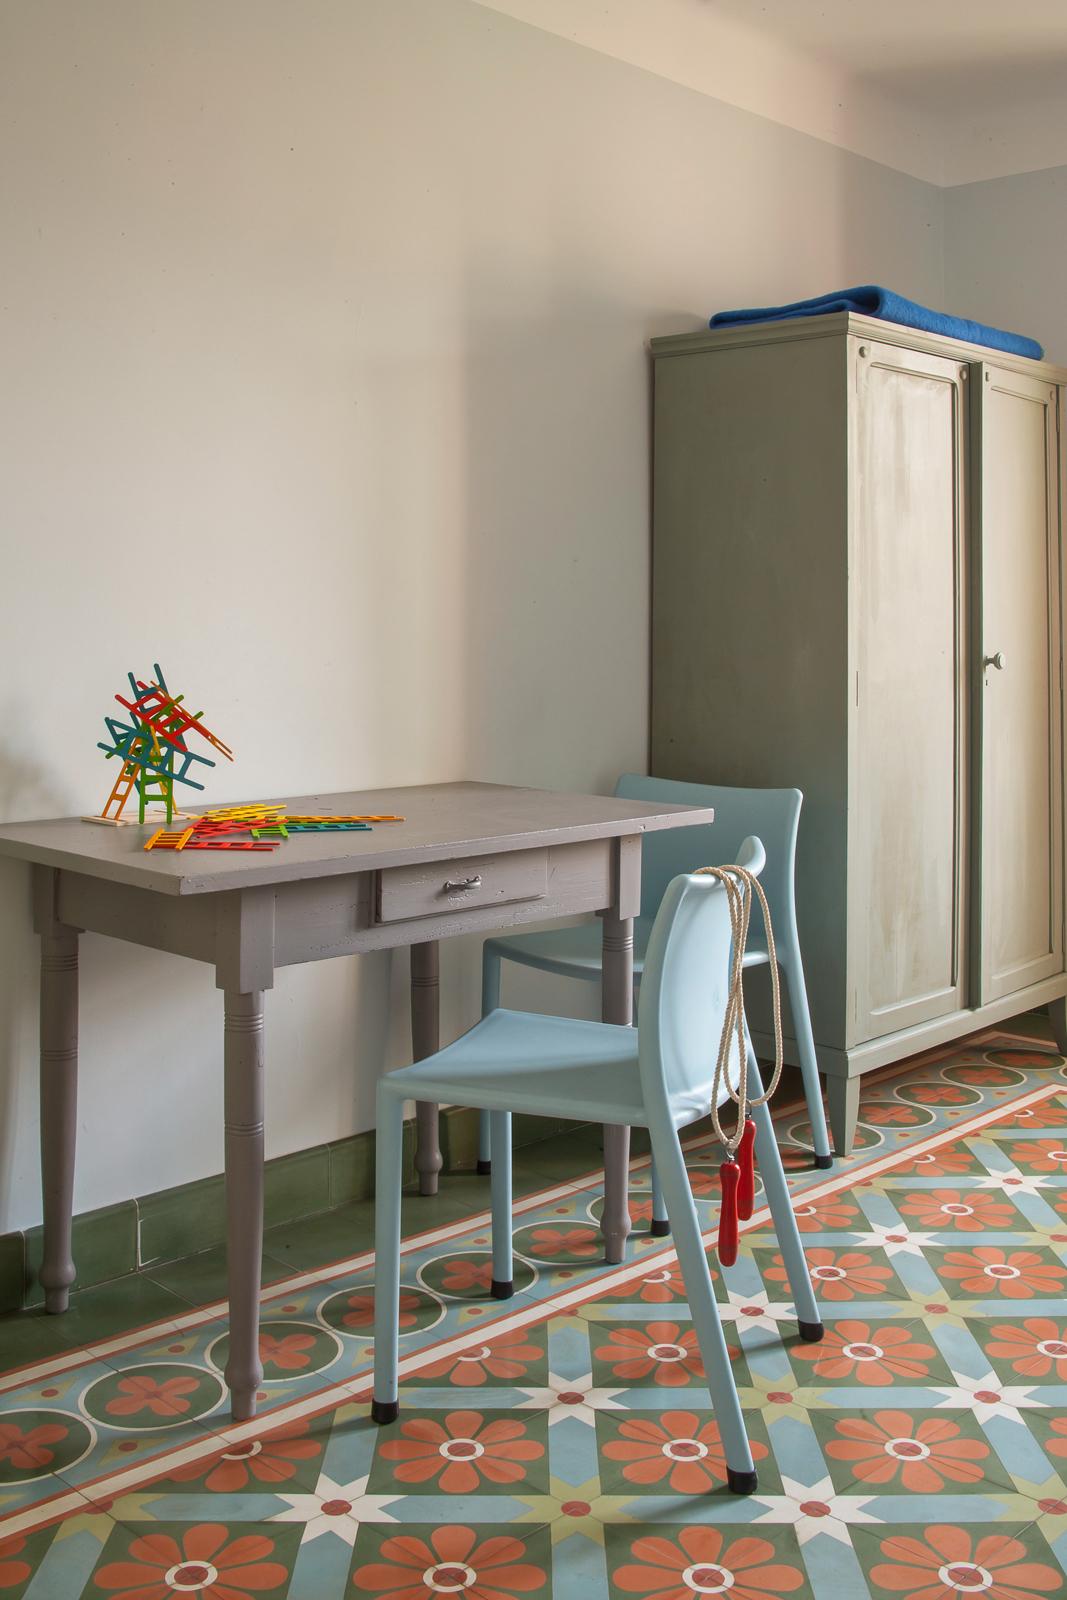 kreidefarbe-Silberpappel-106-schrank-zementfliesen-terrazzofliesen-viaplatten | Kreidefarbe Silberpappel 60 ml